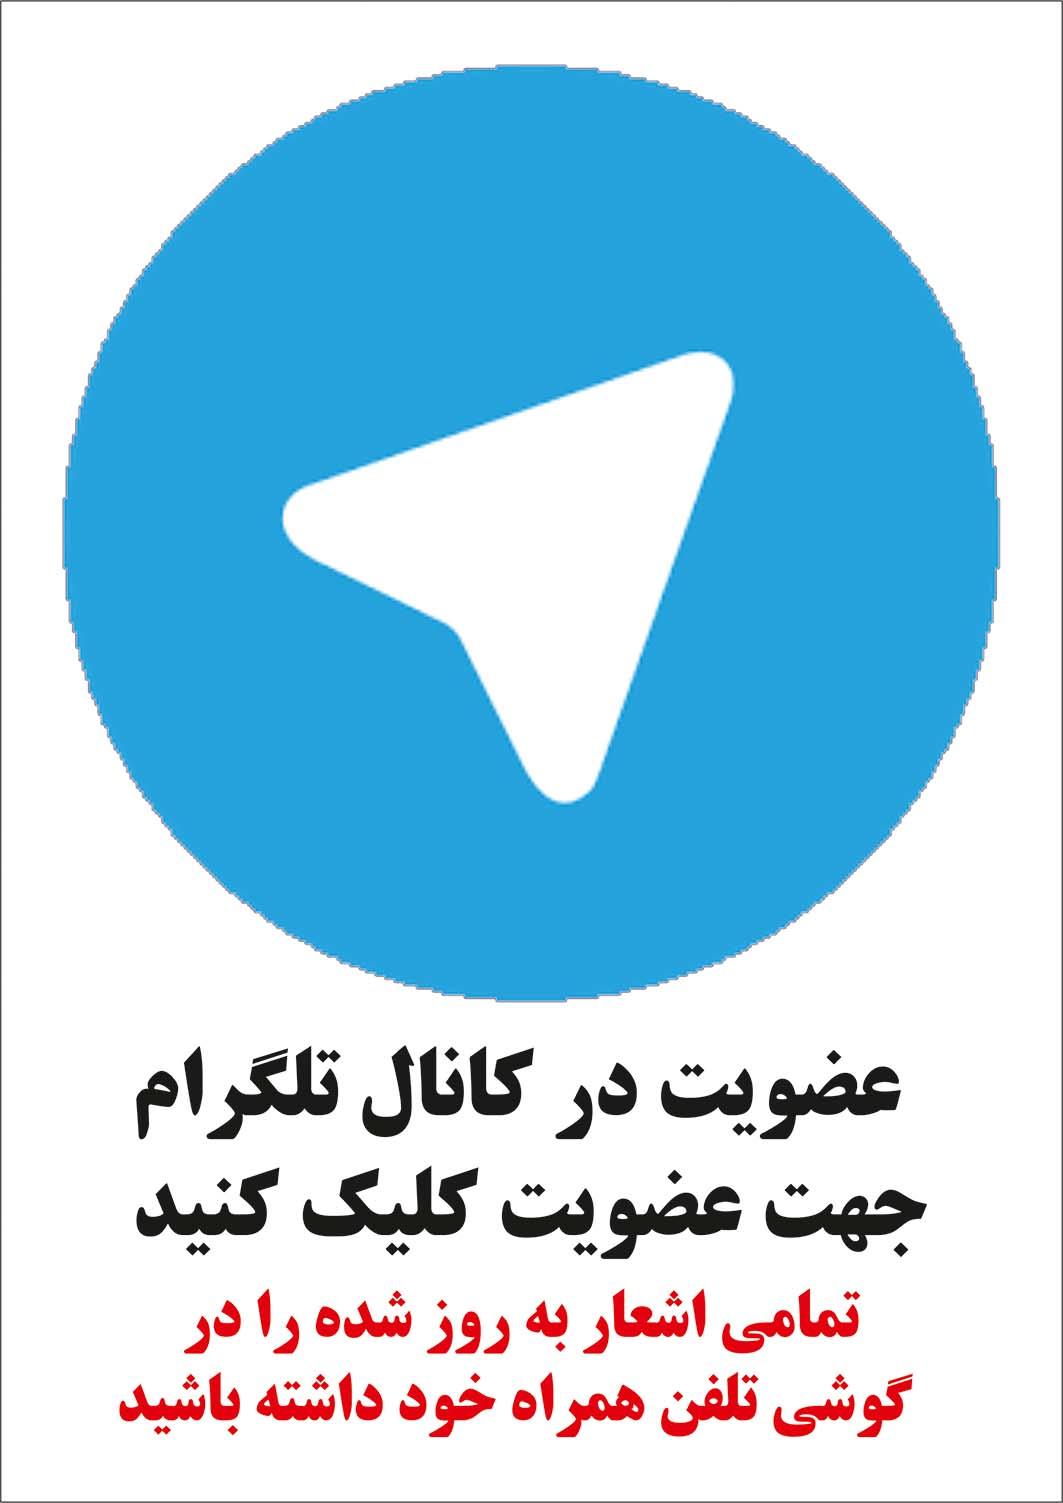 کانال+تلگرام+نوحه+های+جدید